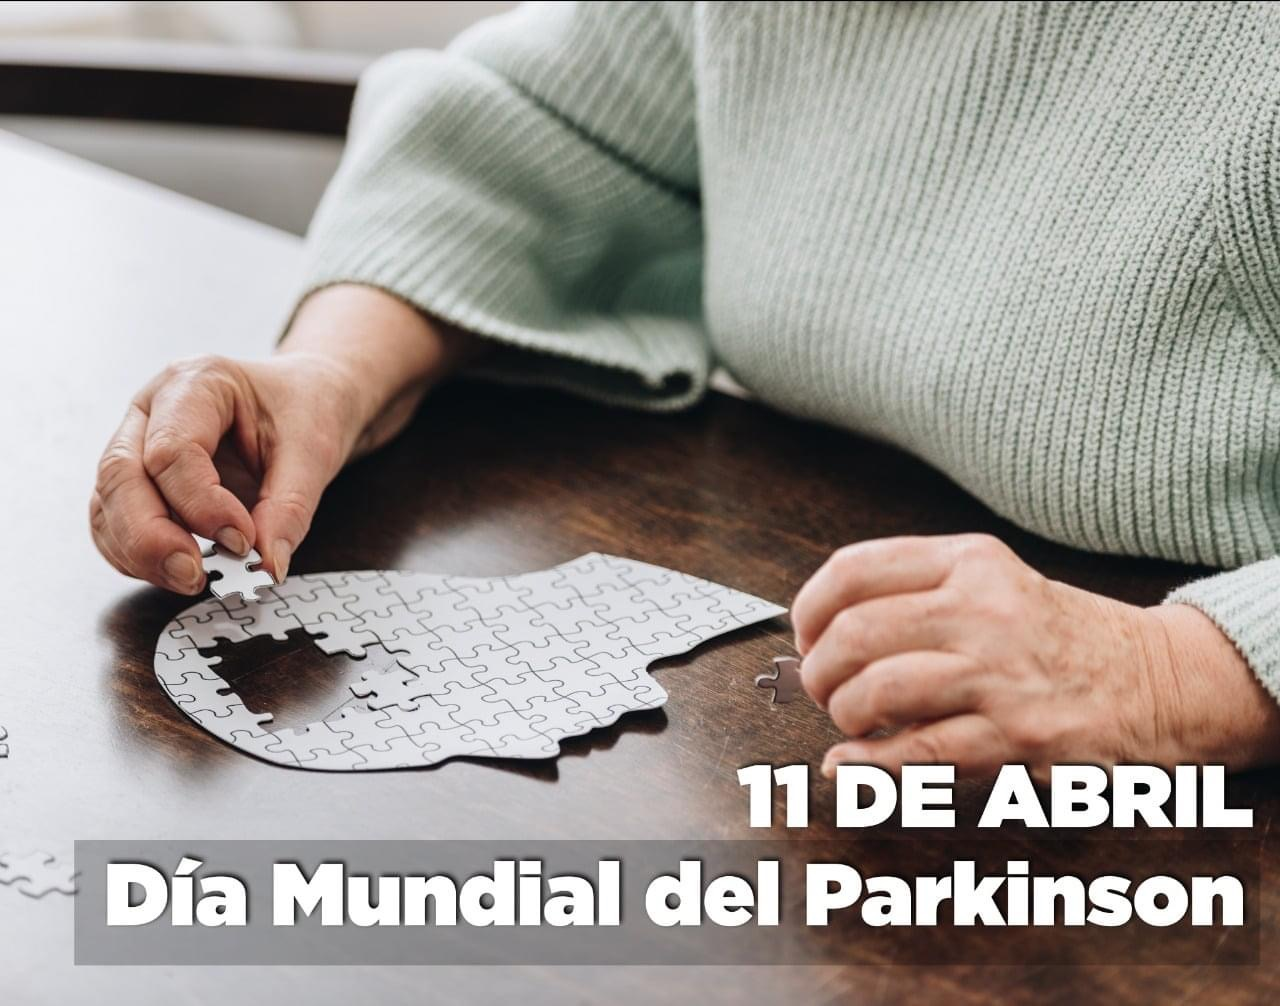 LAURA BERISTAIN CONMEMORA EL DÍA MUNDIAL DEL PÁRKINSON